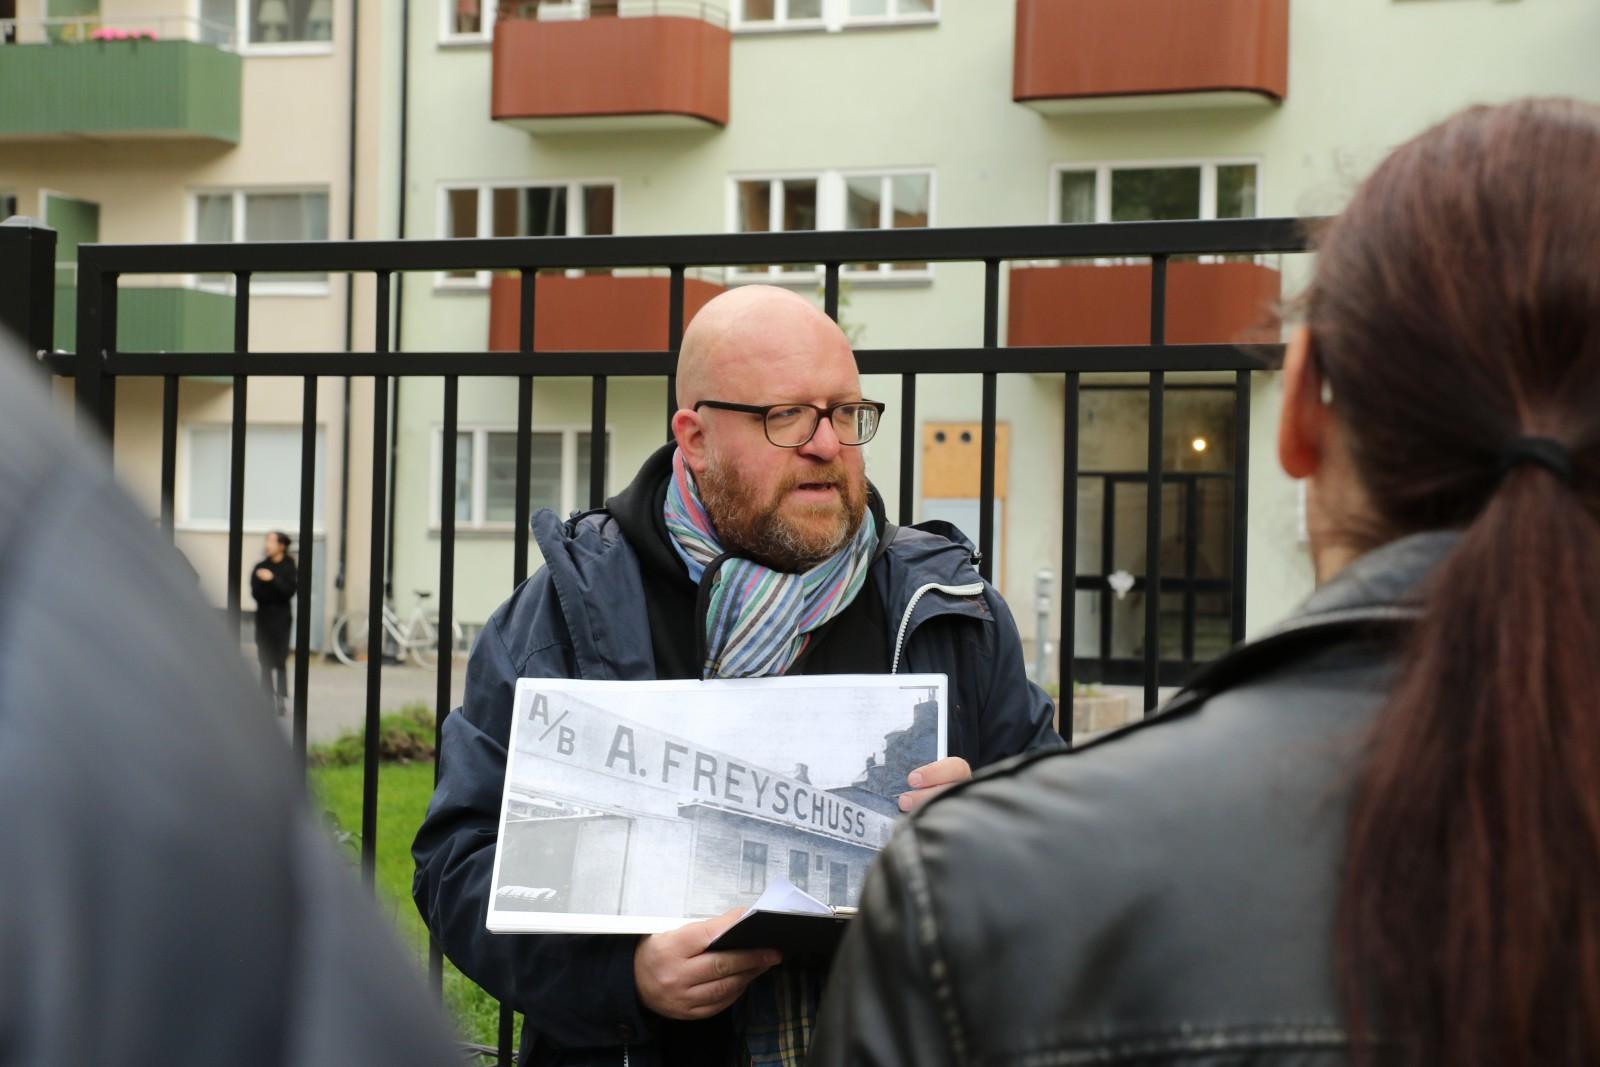 Klassikers Fredrik Nyblad guidade till platserna som var avgörande för att Volvo kunde grundas. Här är gruppen framför Sveavägen 126 där karosseribyggaren AB Adolf Freyschuss fanns.